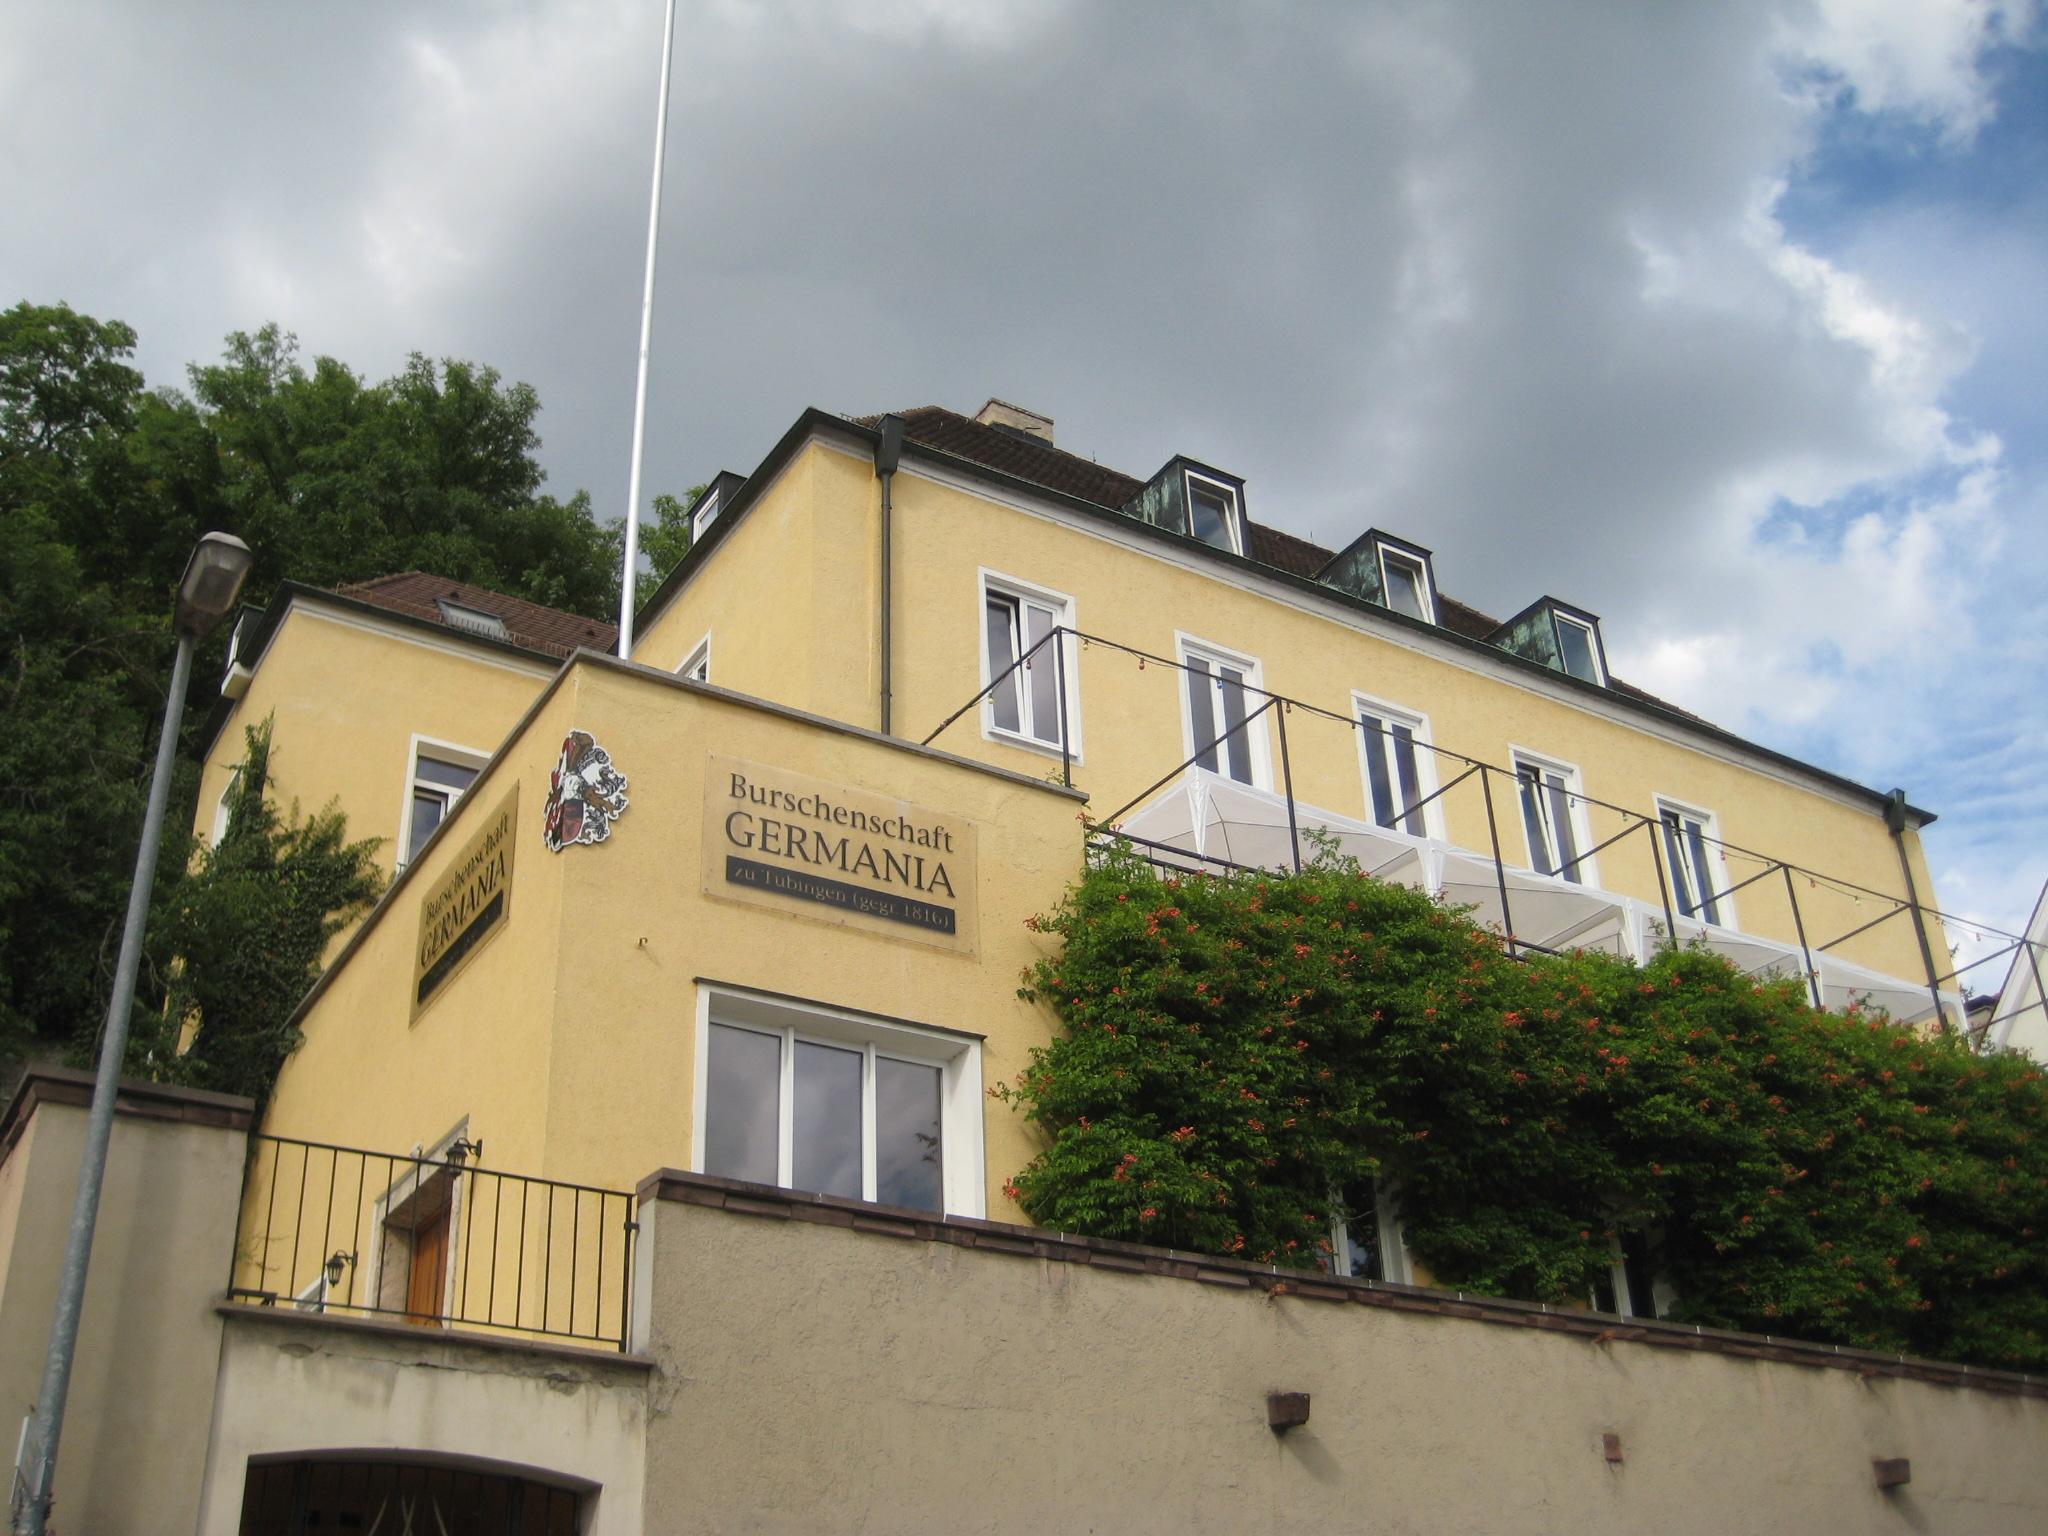 Burschenschaft Germania Tübingen Wikipedia